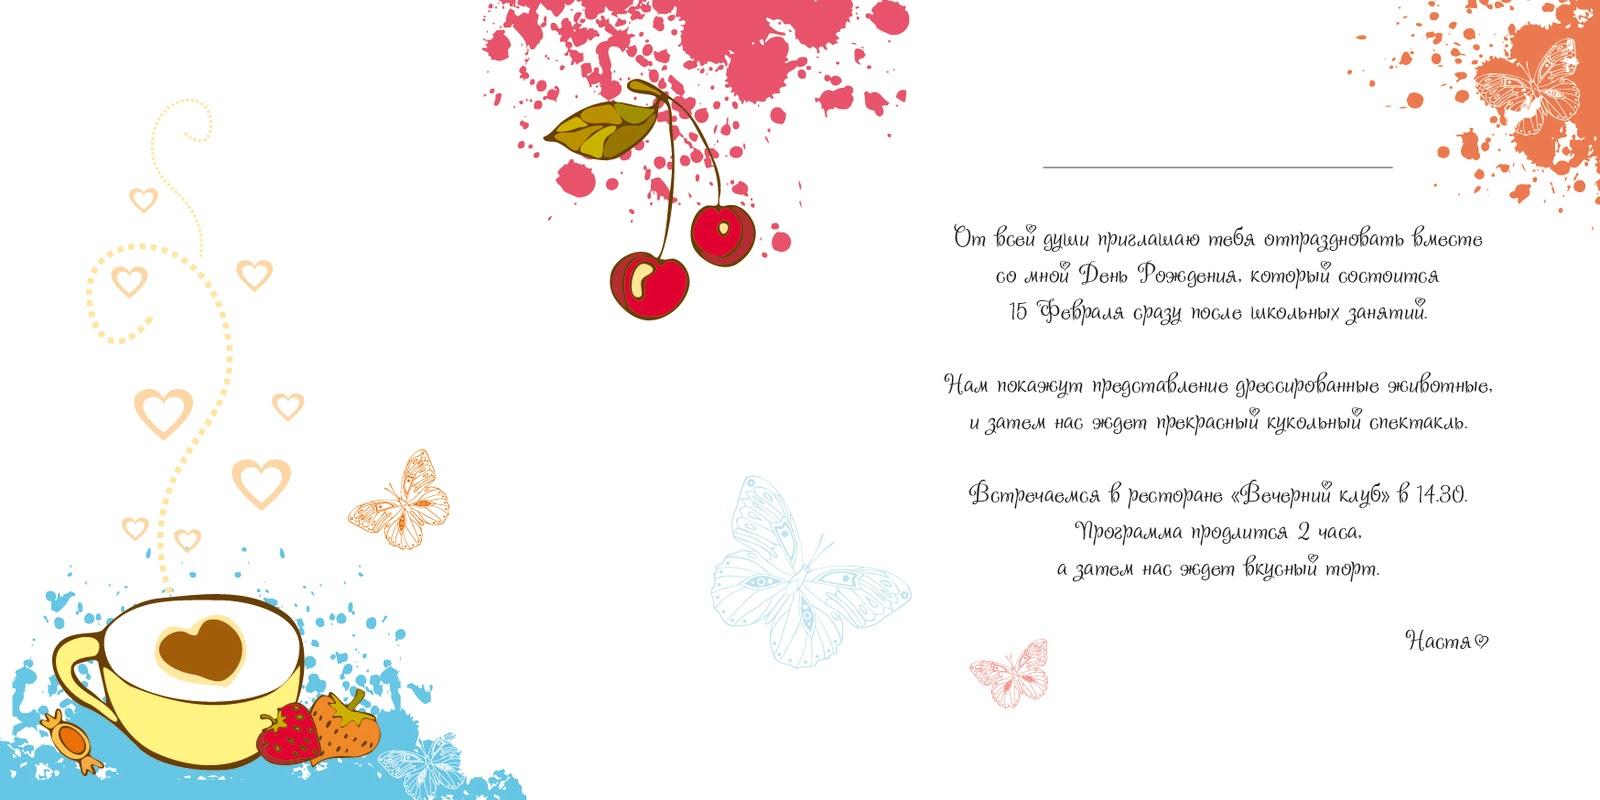 Рисунки на открытки с днем рождения своими